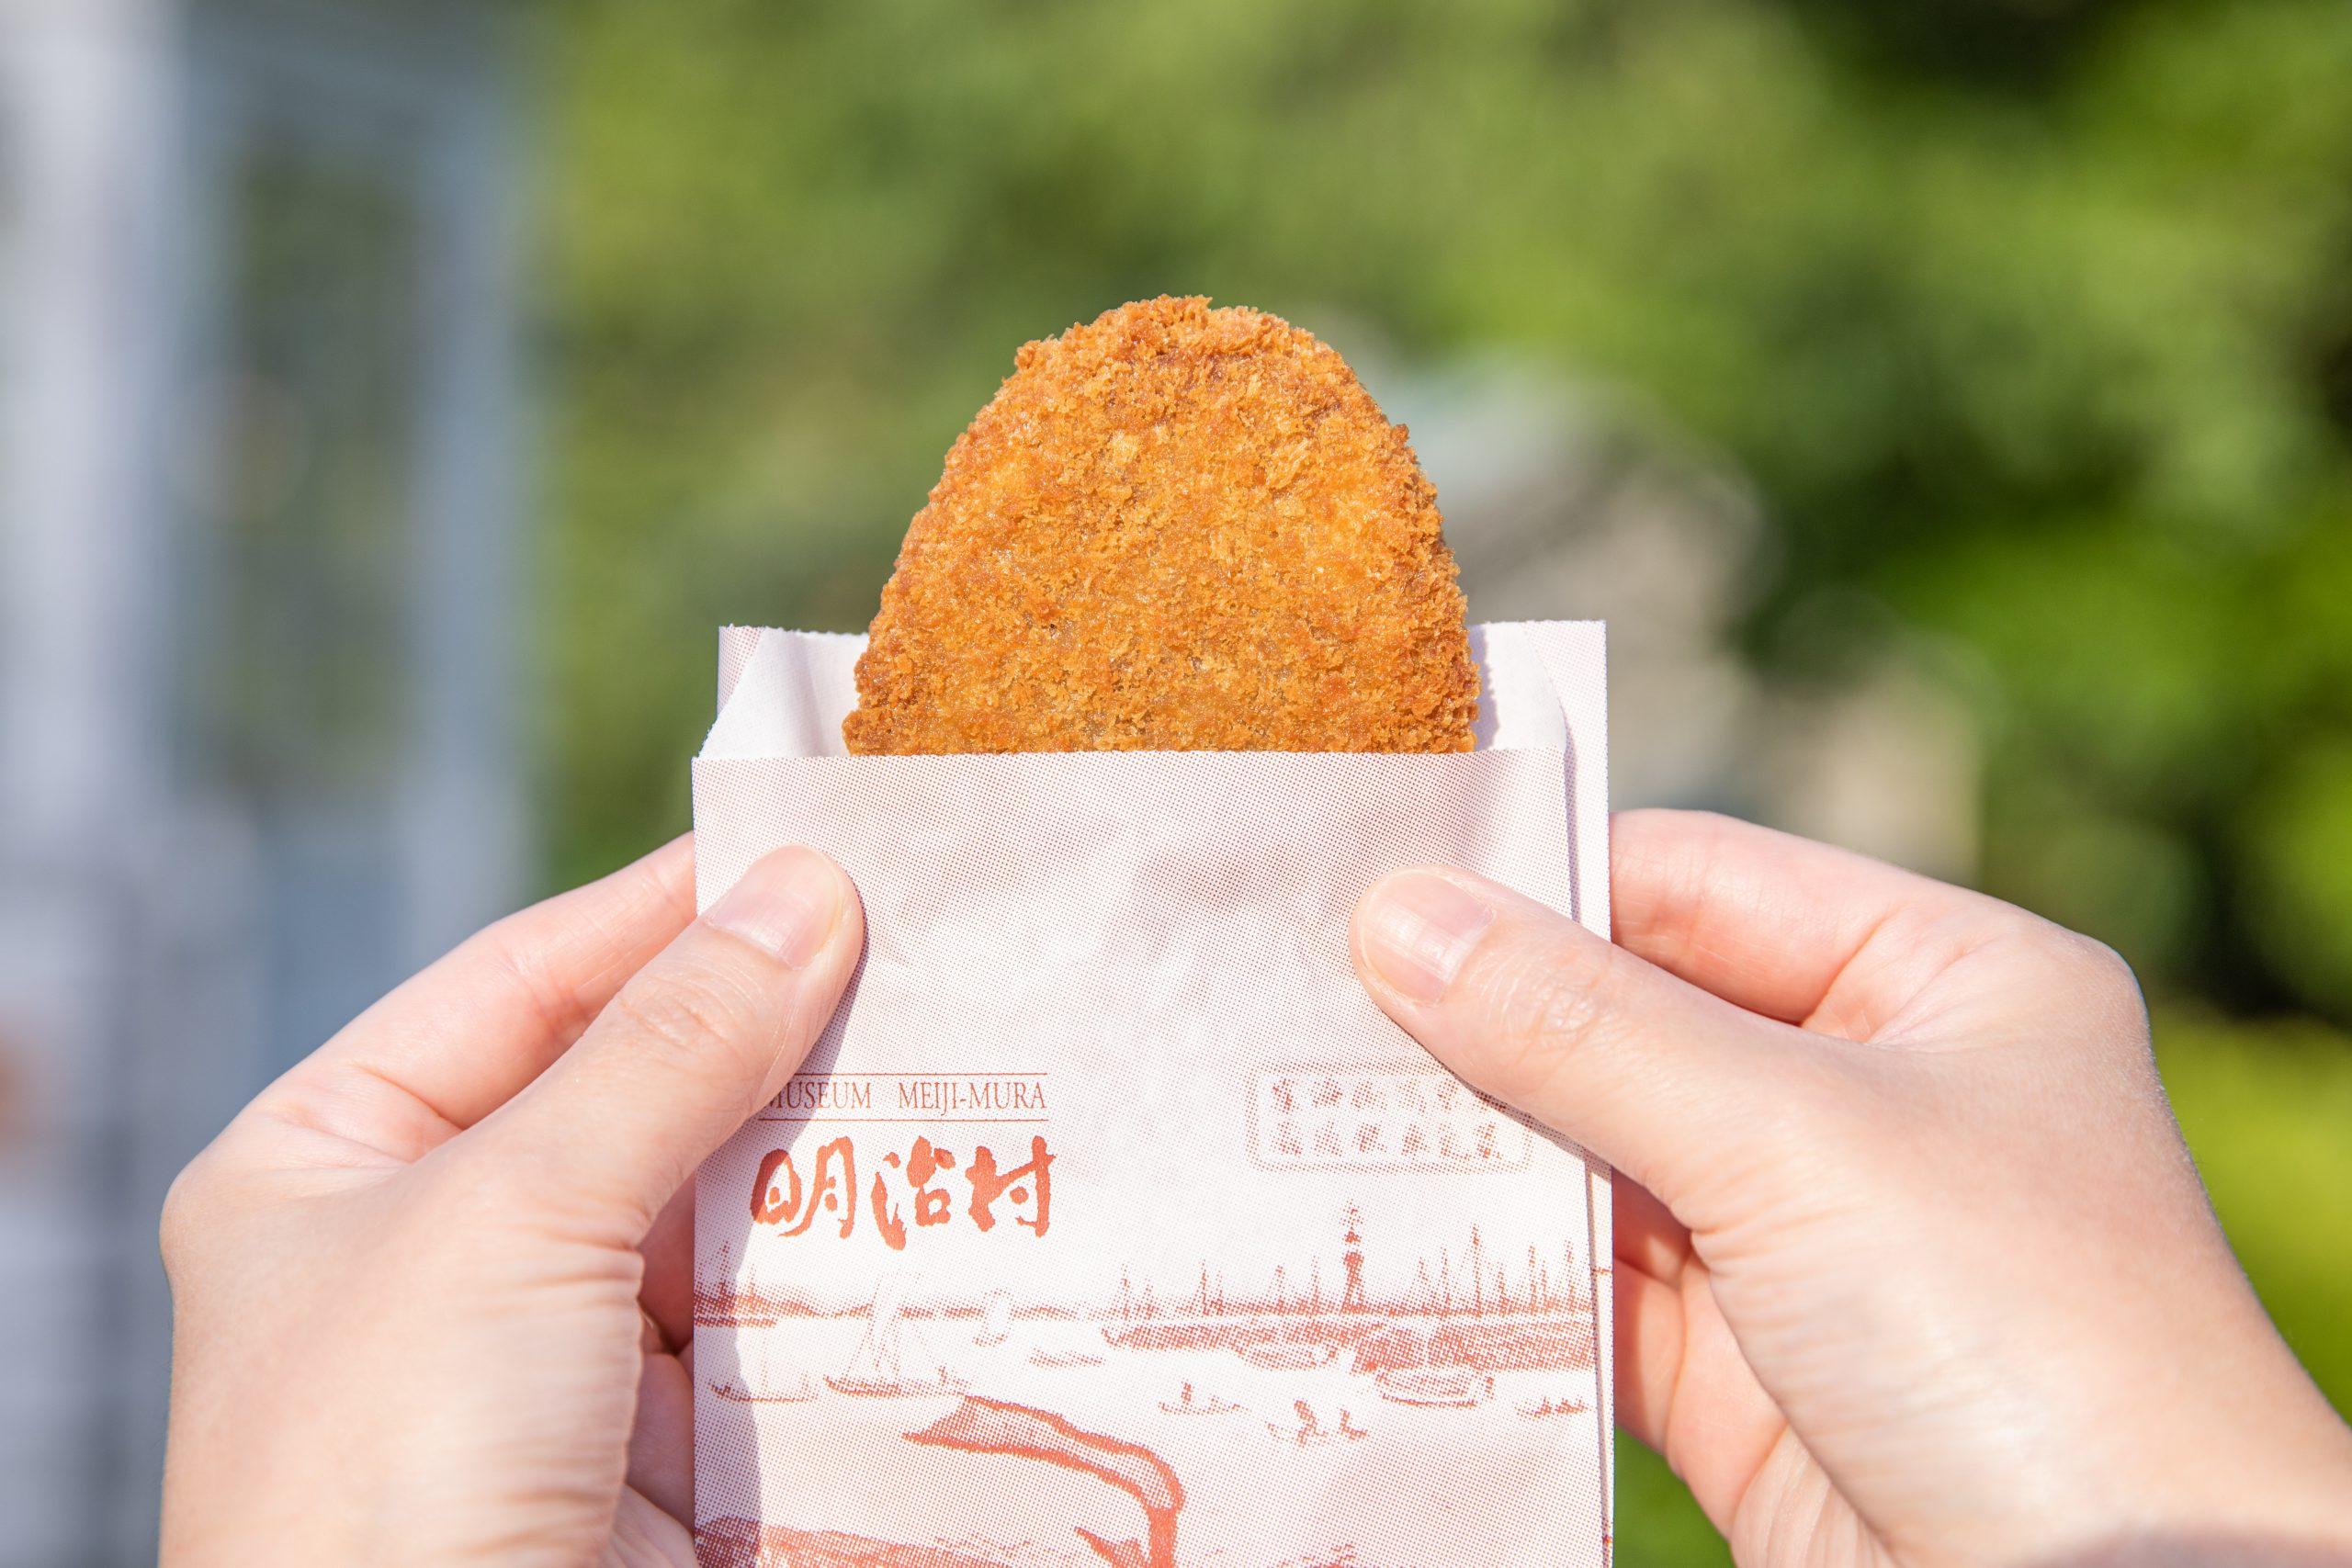 馬鈴薯と挽肉のコロツケー / 200円